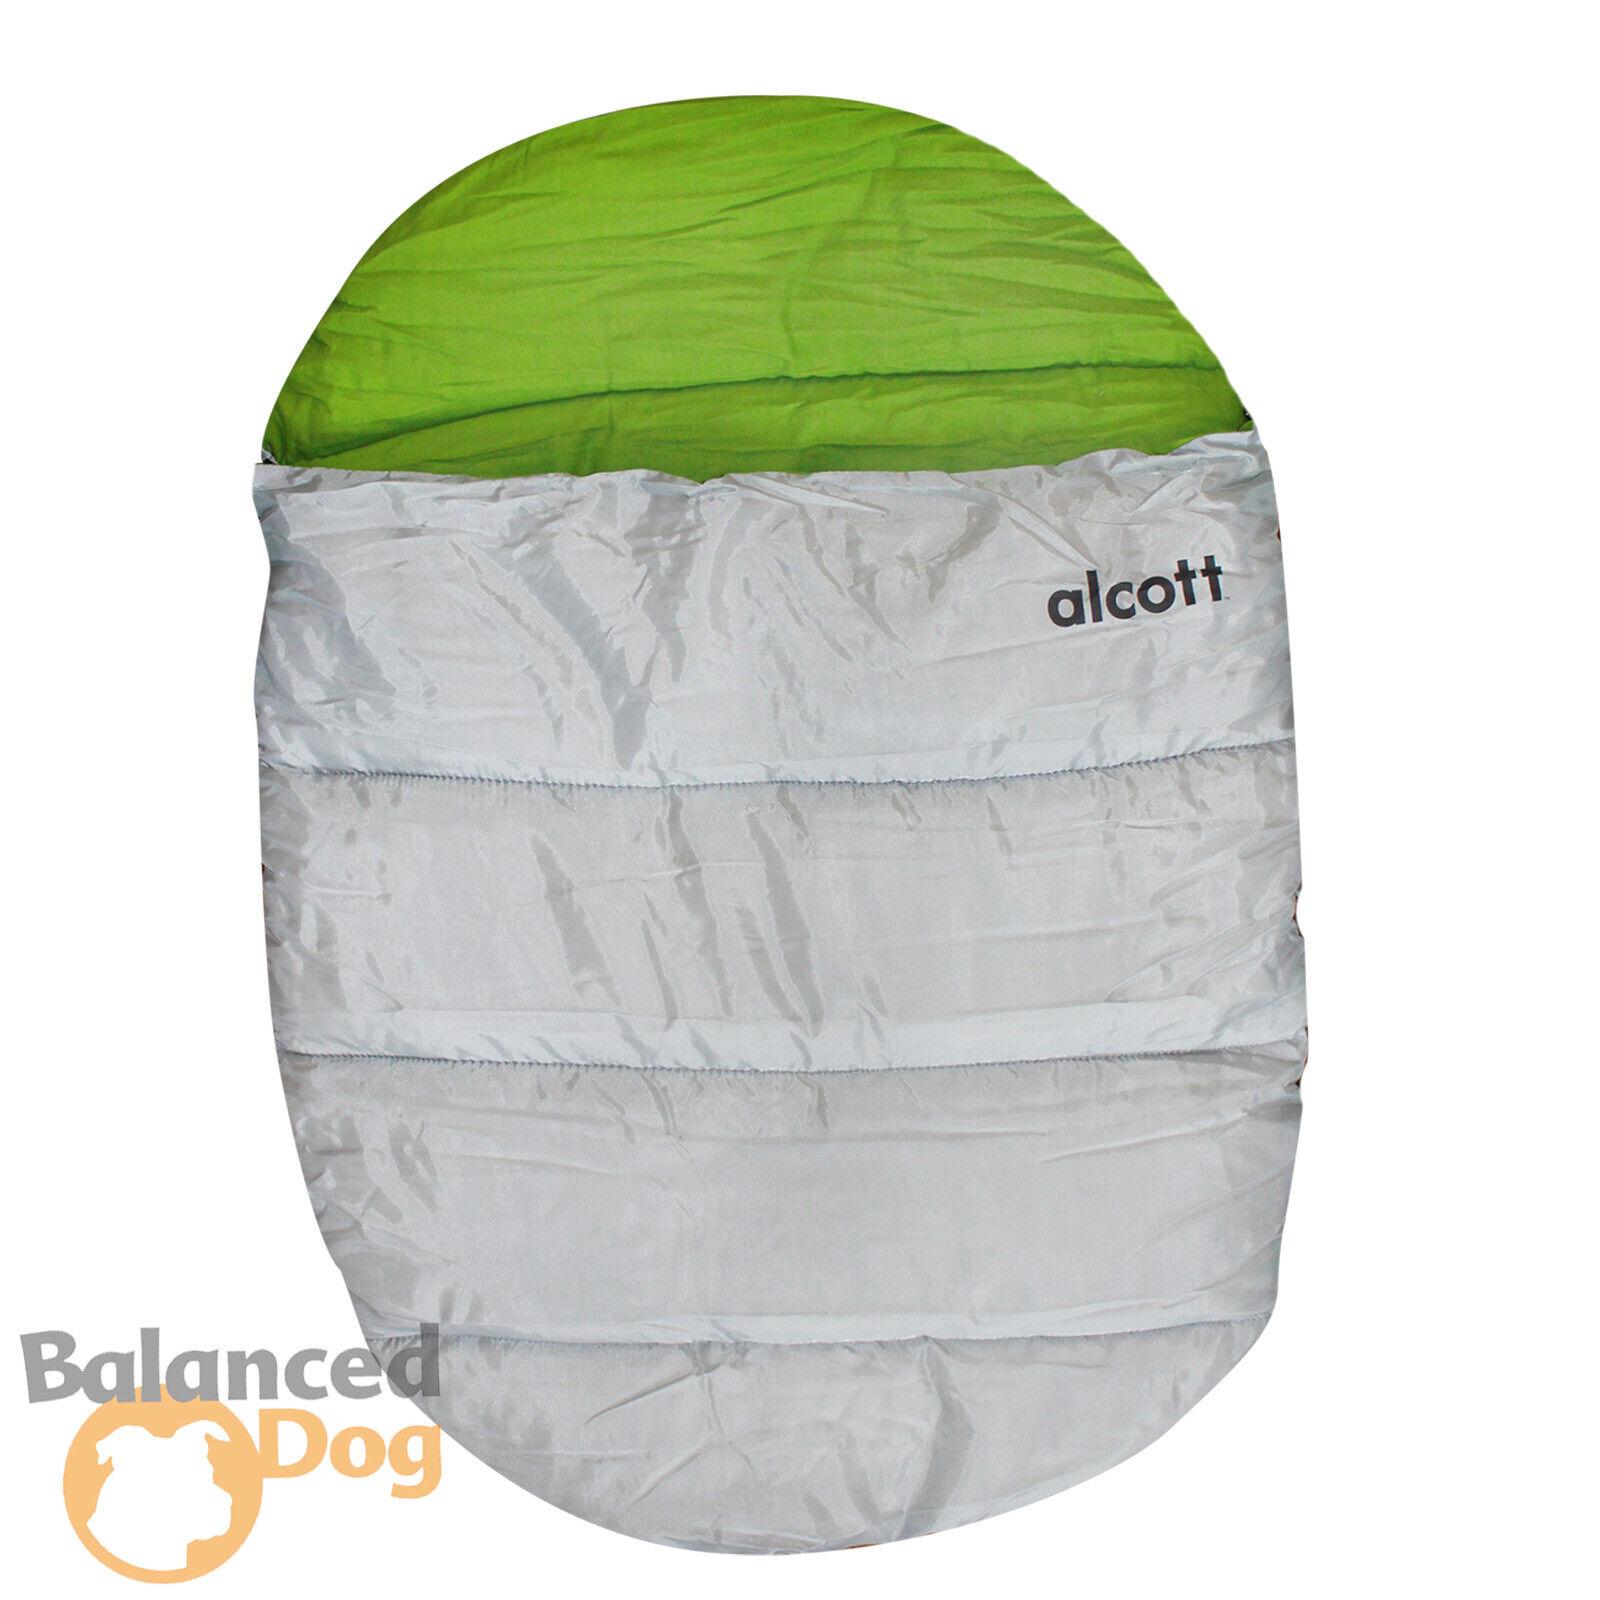 Alcott Explorer Hunde-Schlafsack Hundebett Hundedecke Schlafplatz Hunde Camping